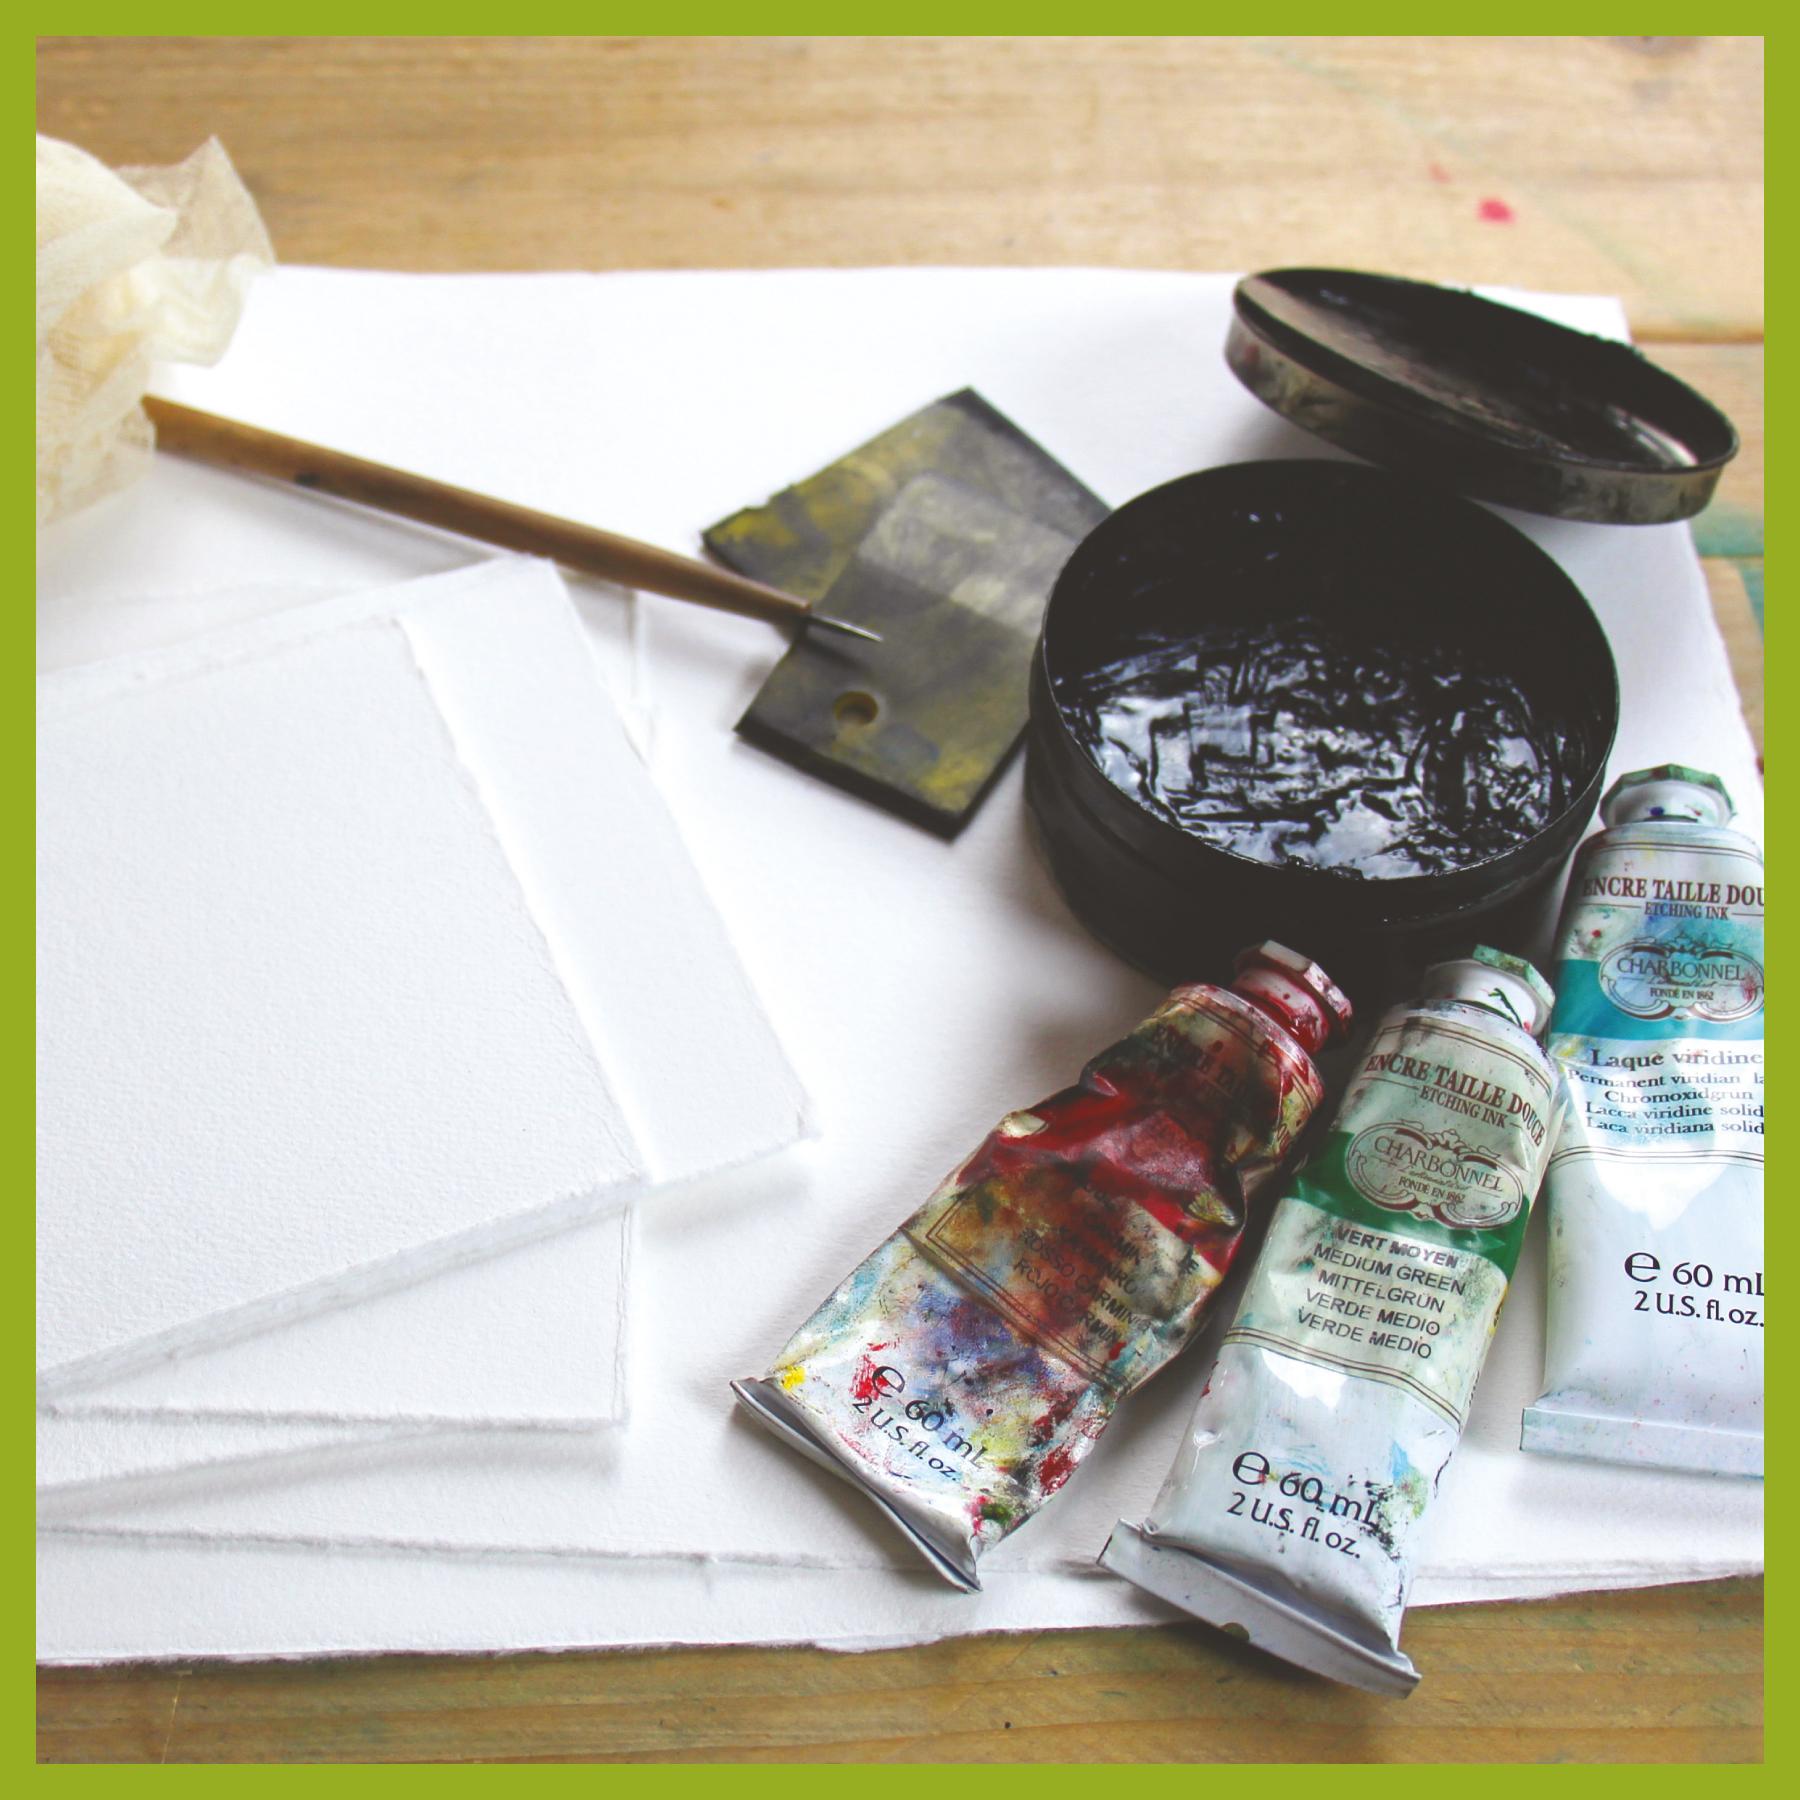 Arbeitsmaterial für die Herstellung einer Radierung. Büttenpapier, Tiefdruckfarbe, Radiernadel, Spachtel und Gaze.